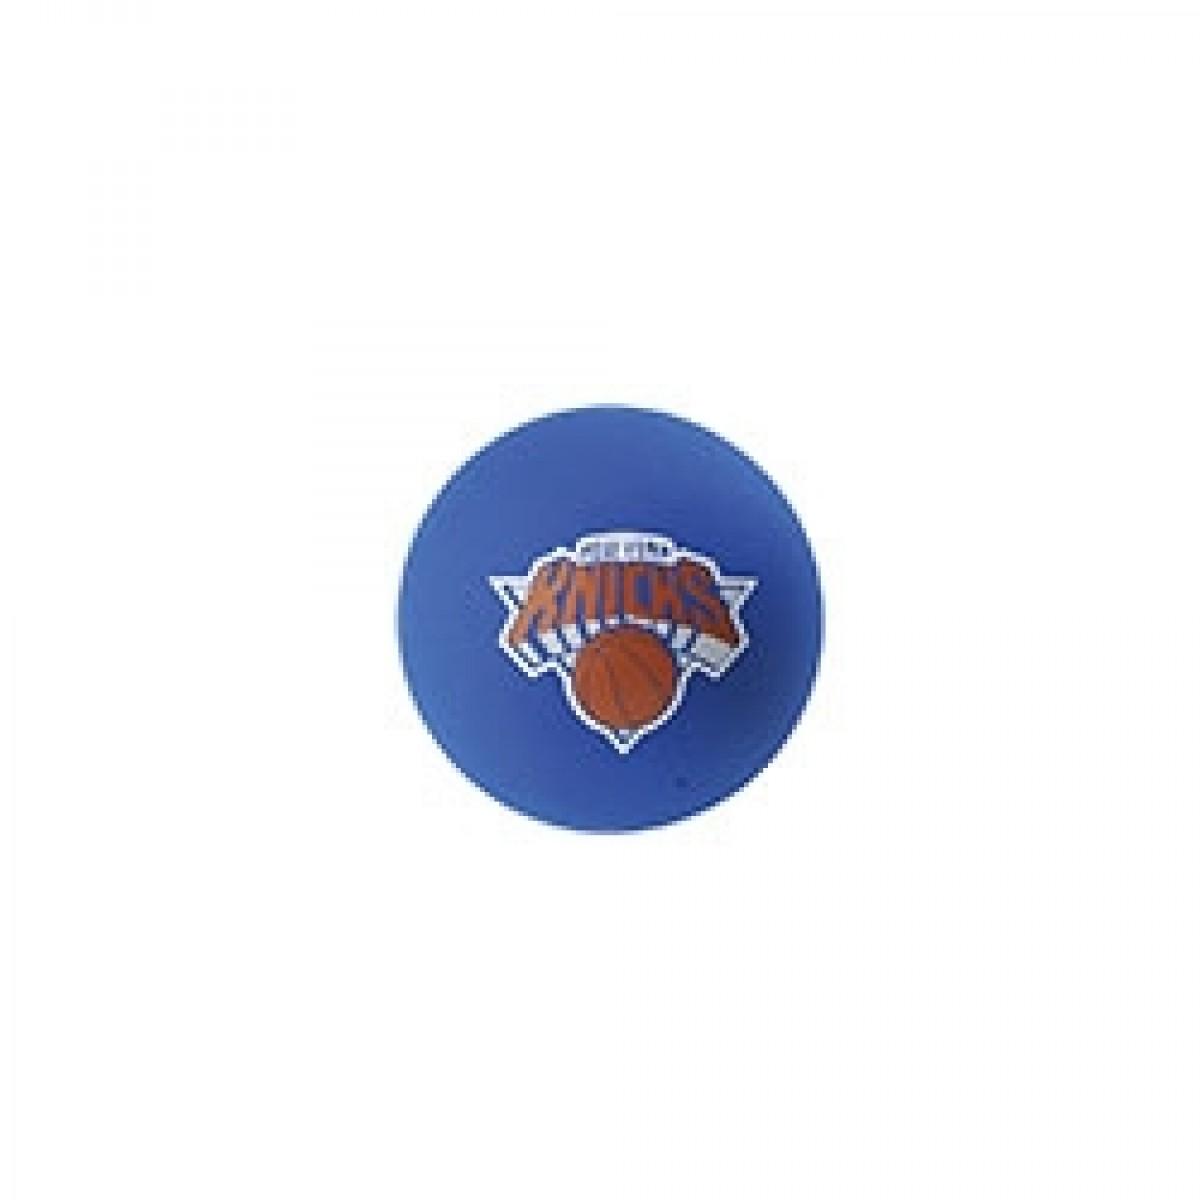 NBA Spaldeens Balls 'Knicks'